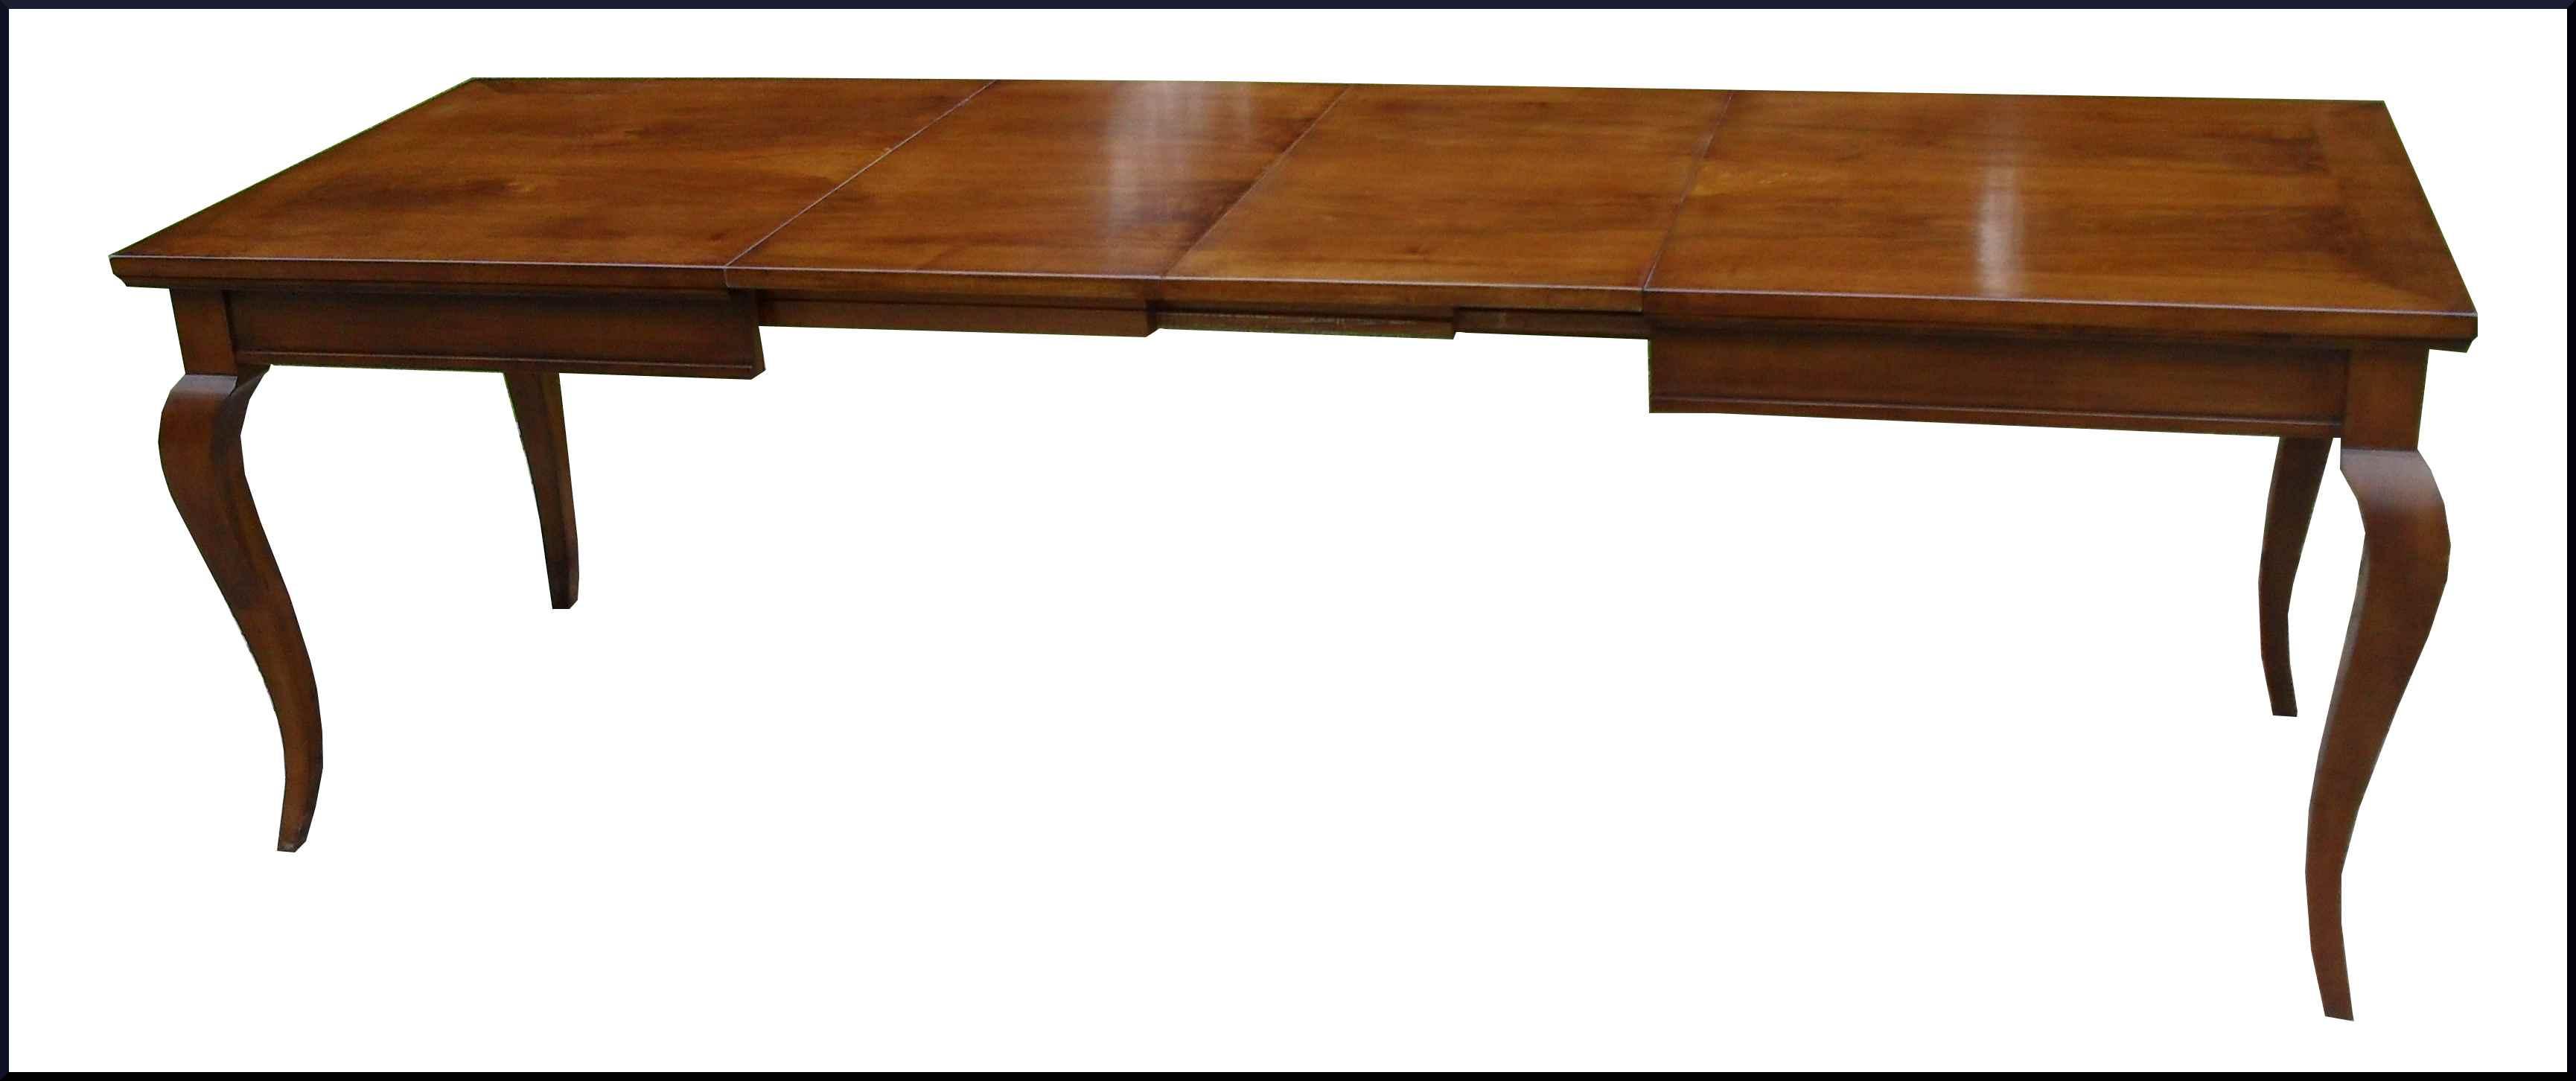 Tavolo classico con intarsio floreale centrale